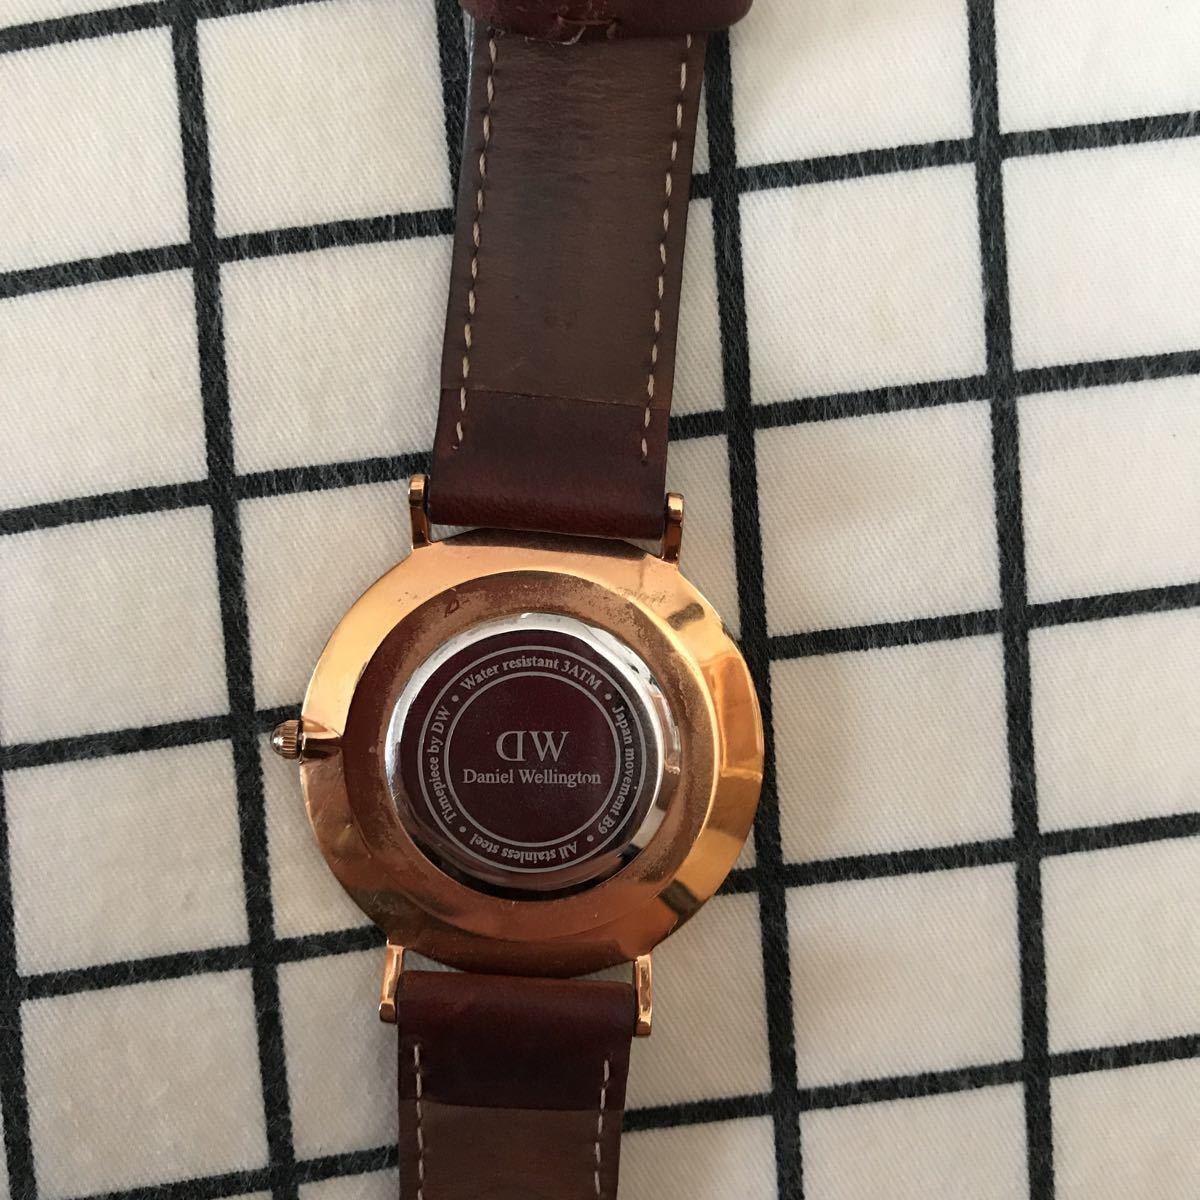 ダニエルウェリントン腕時計 ★電池交換して下さいdanielwellington_画像3